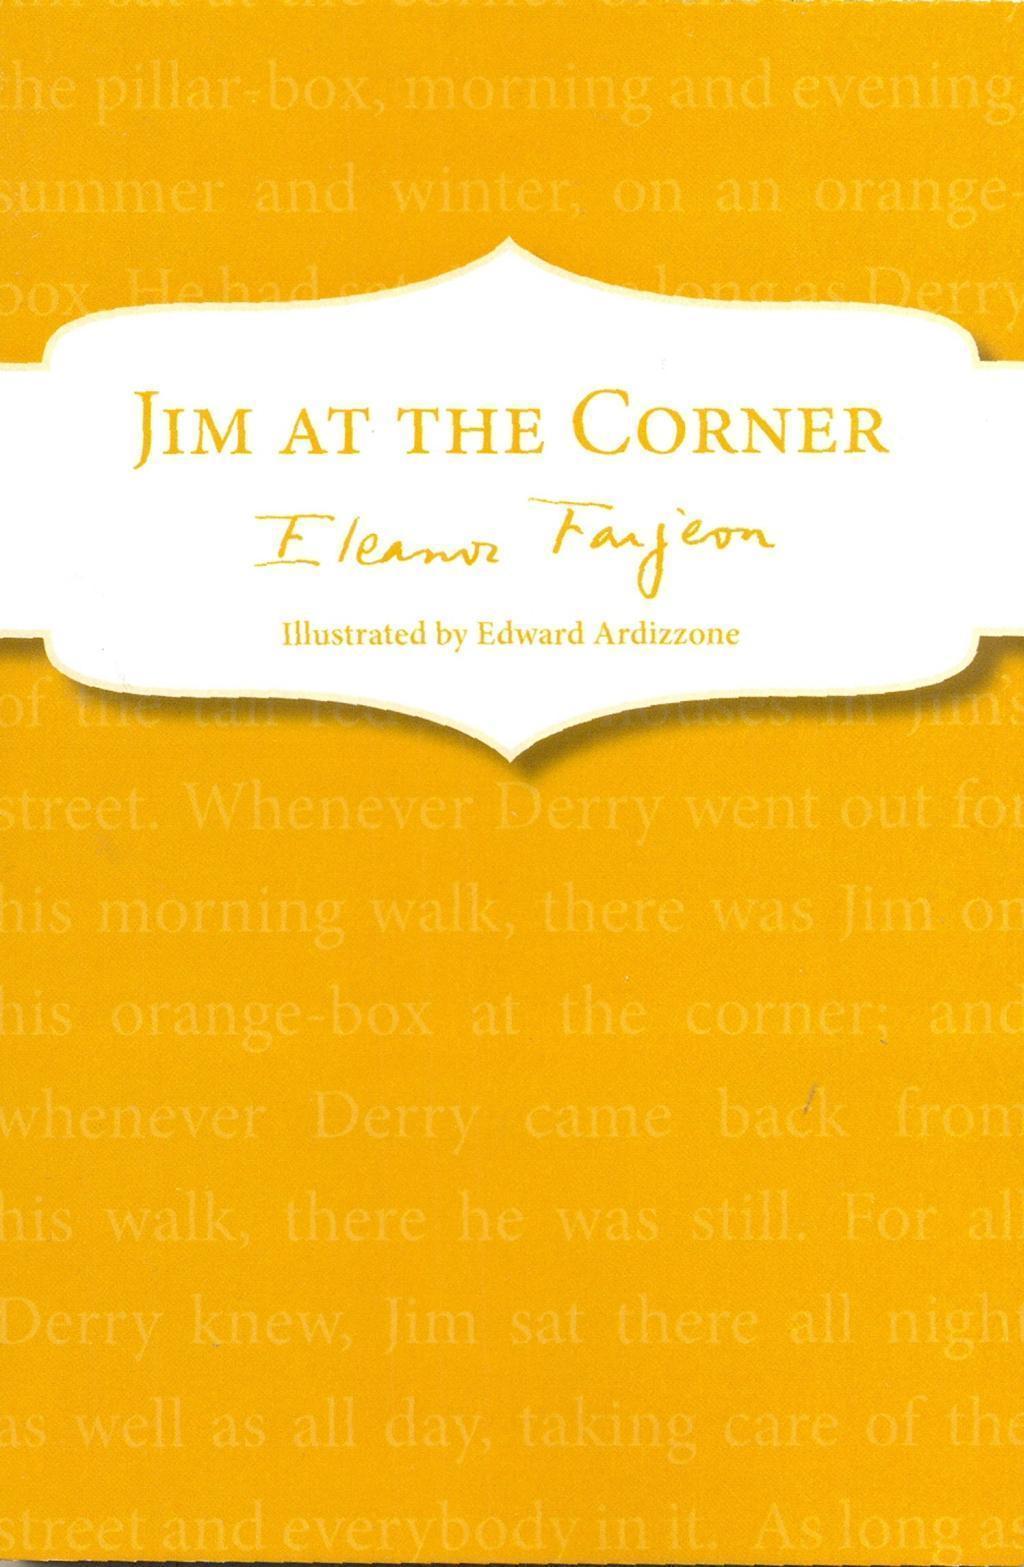 Jim at the Corner